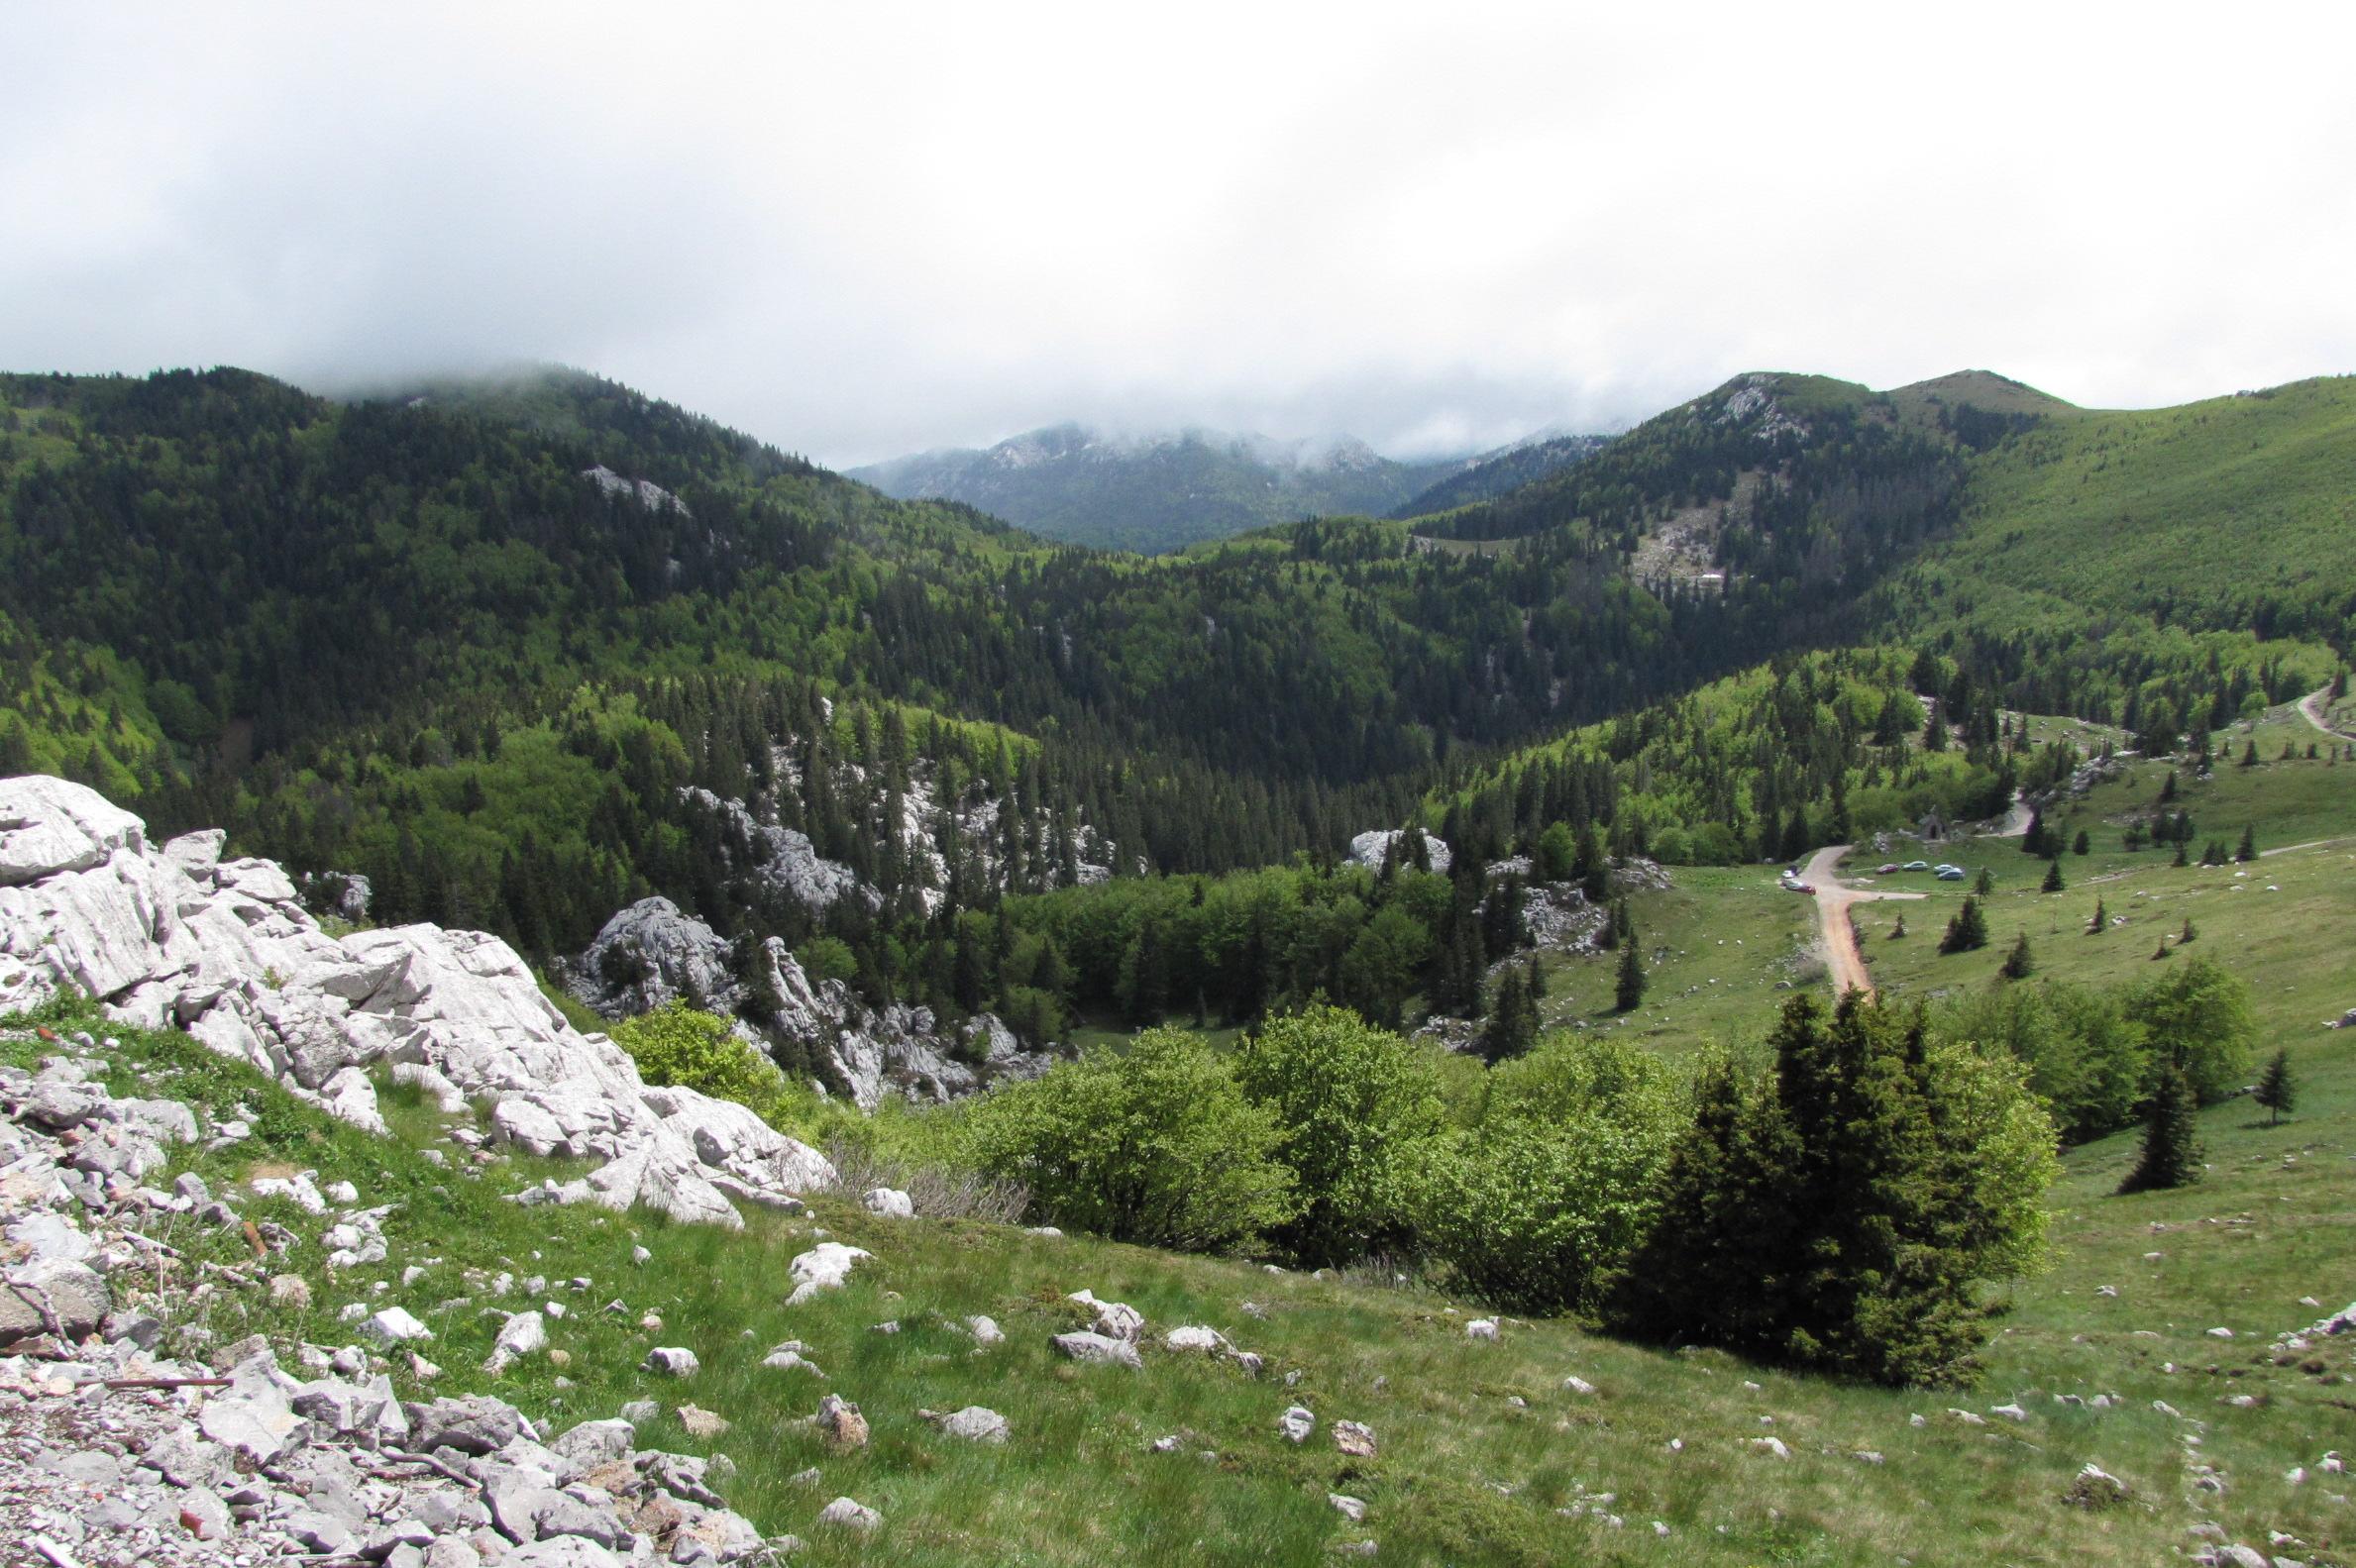 Túrázás Senjből, Velebit hegység csúcsai és völgyei